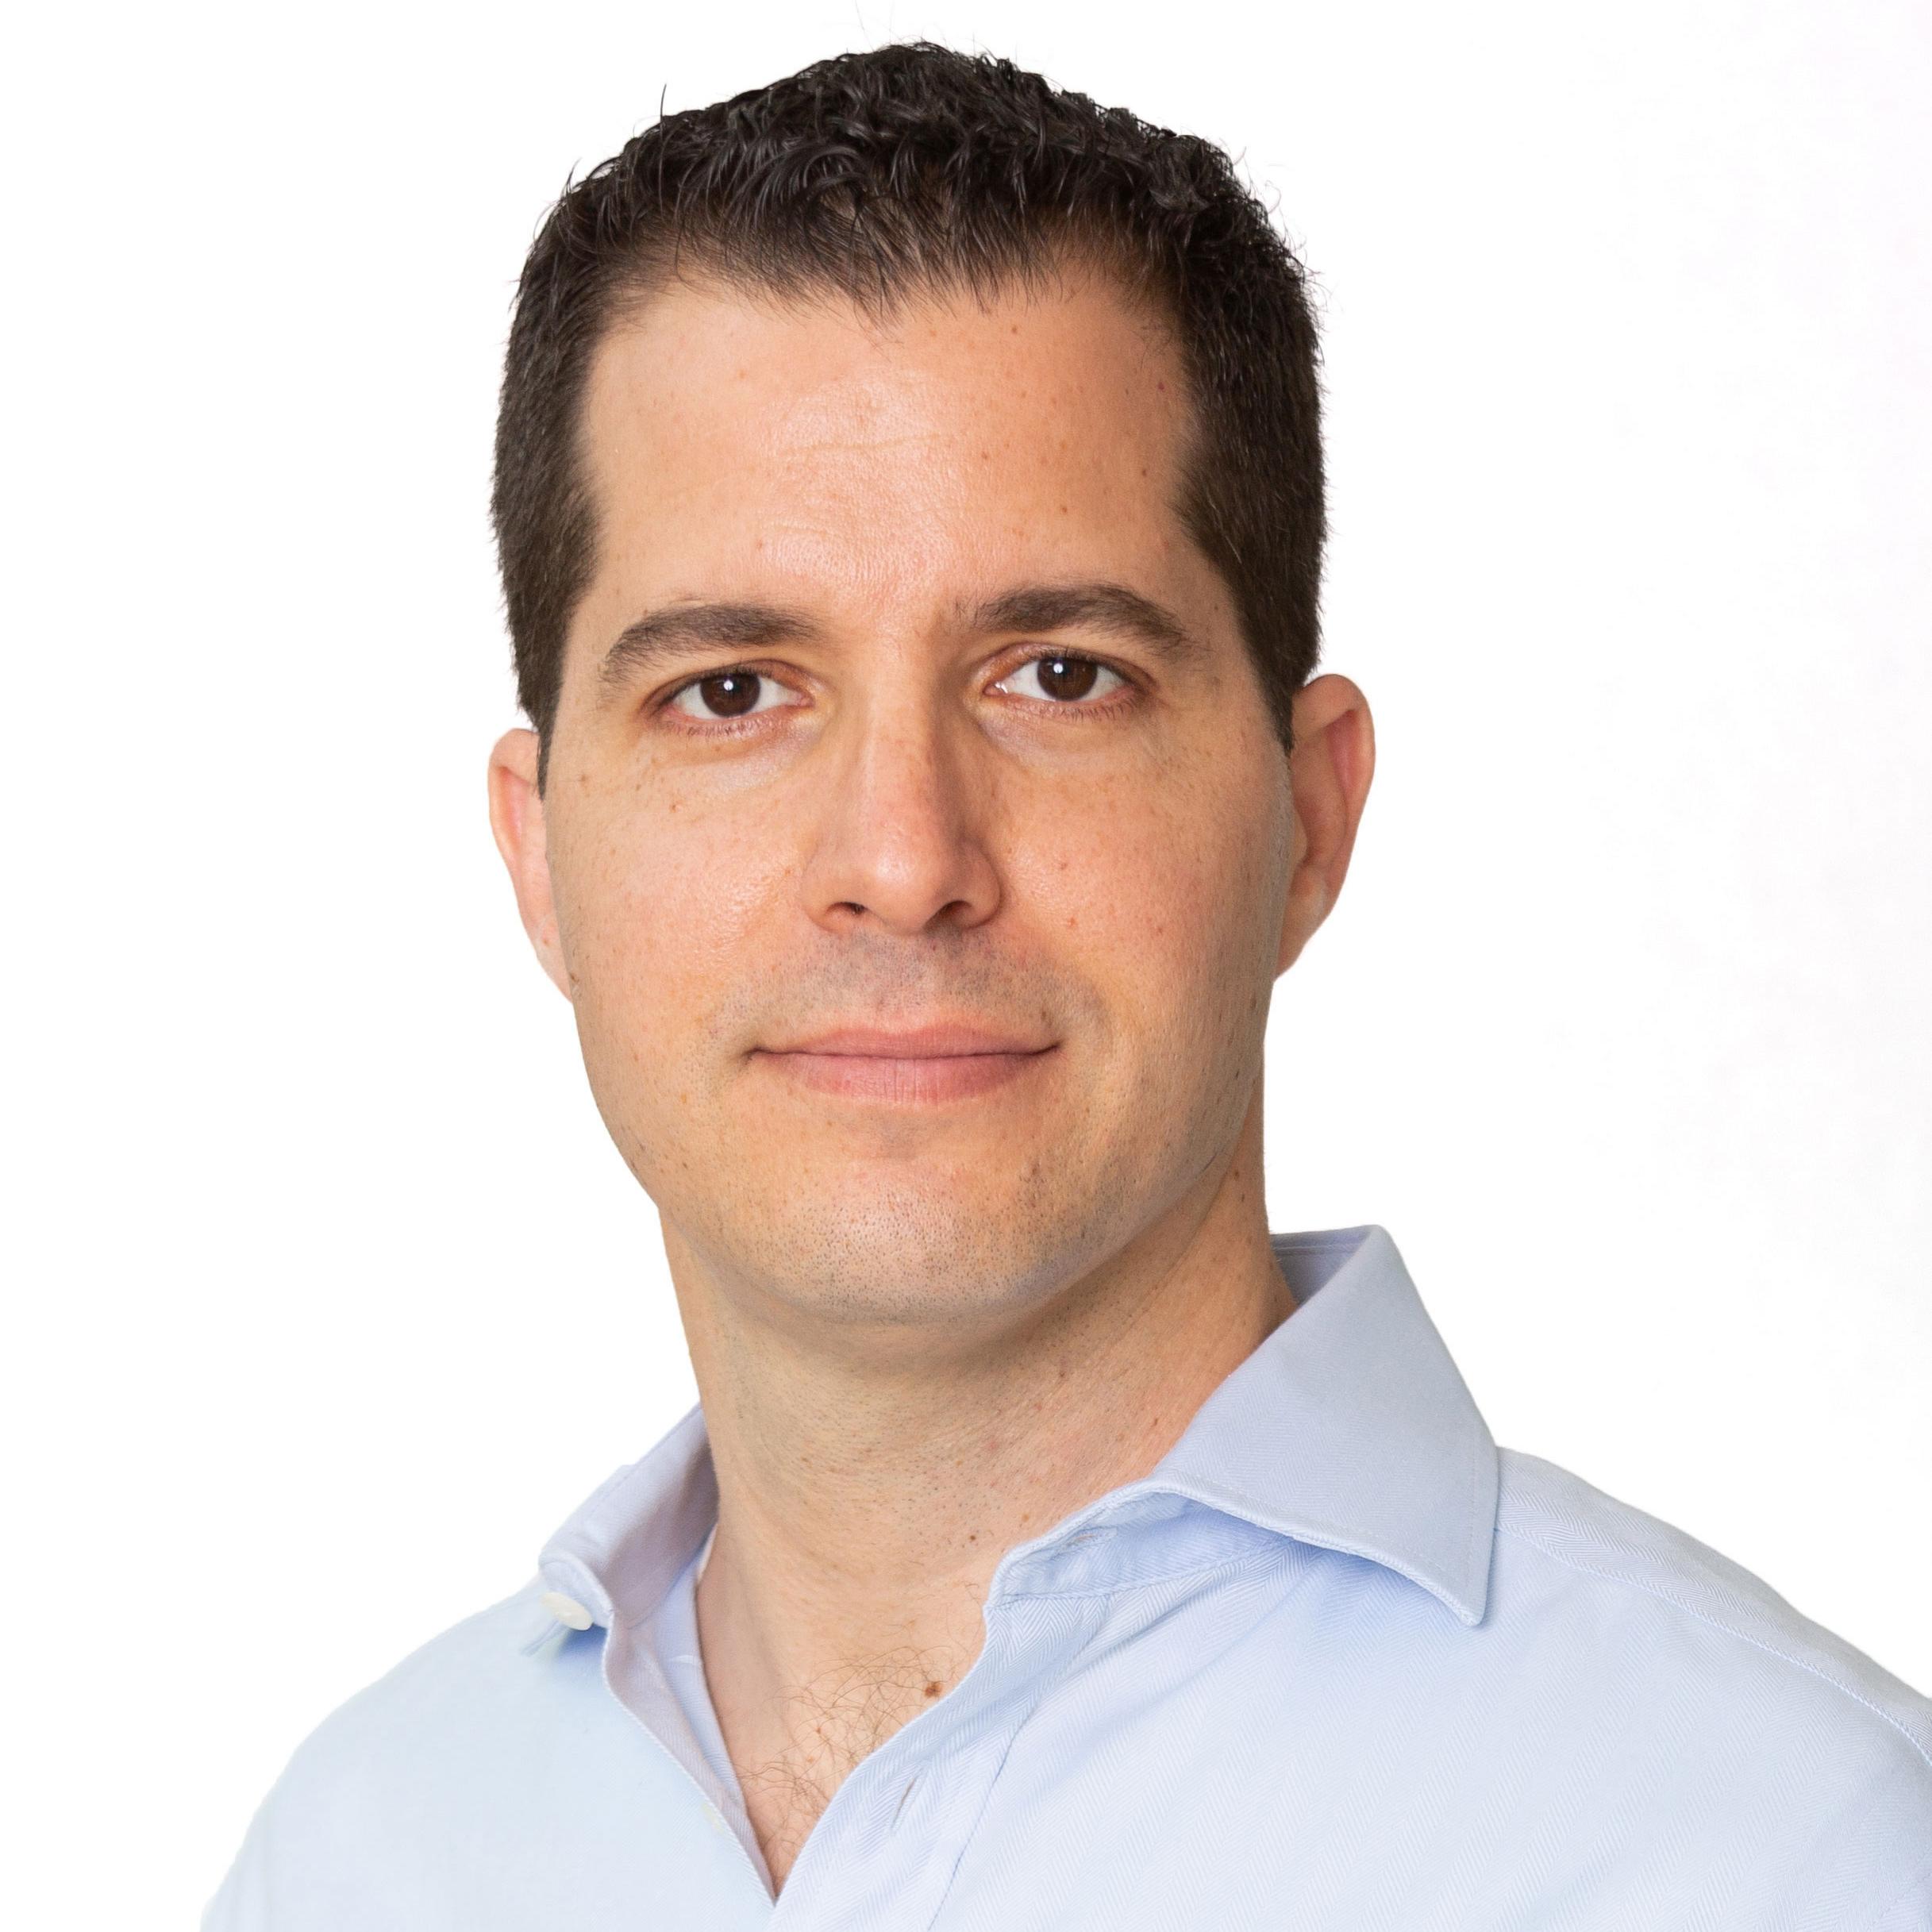 Boaz Yaari, Founder & CEO at Sharegain